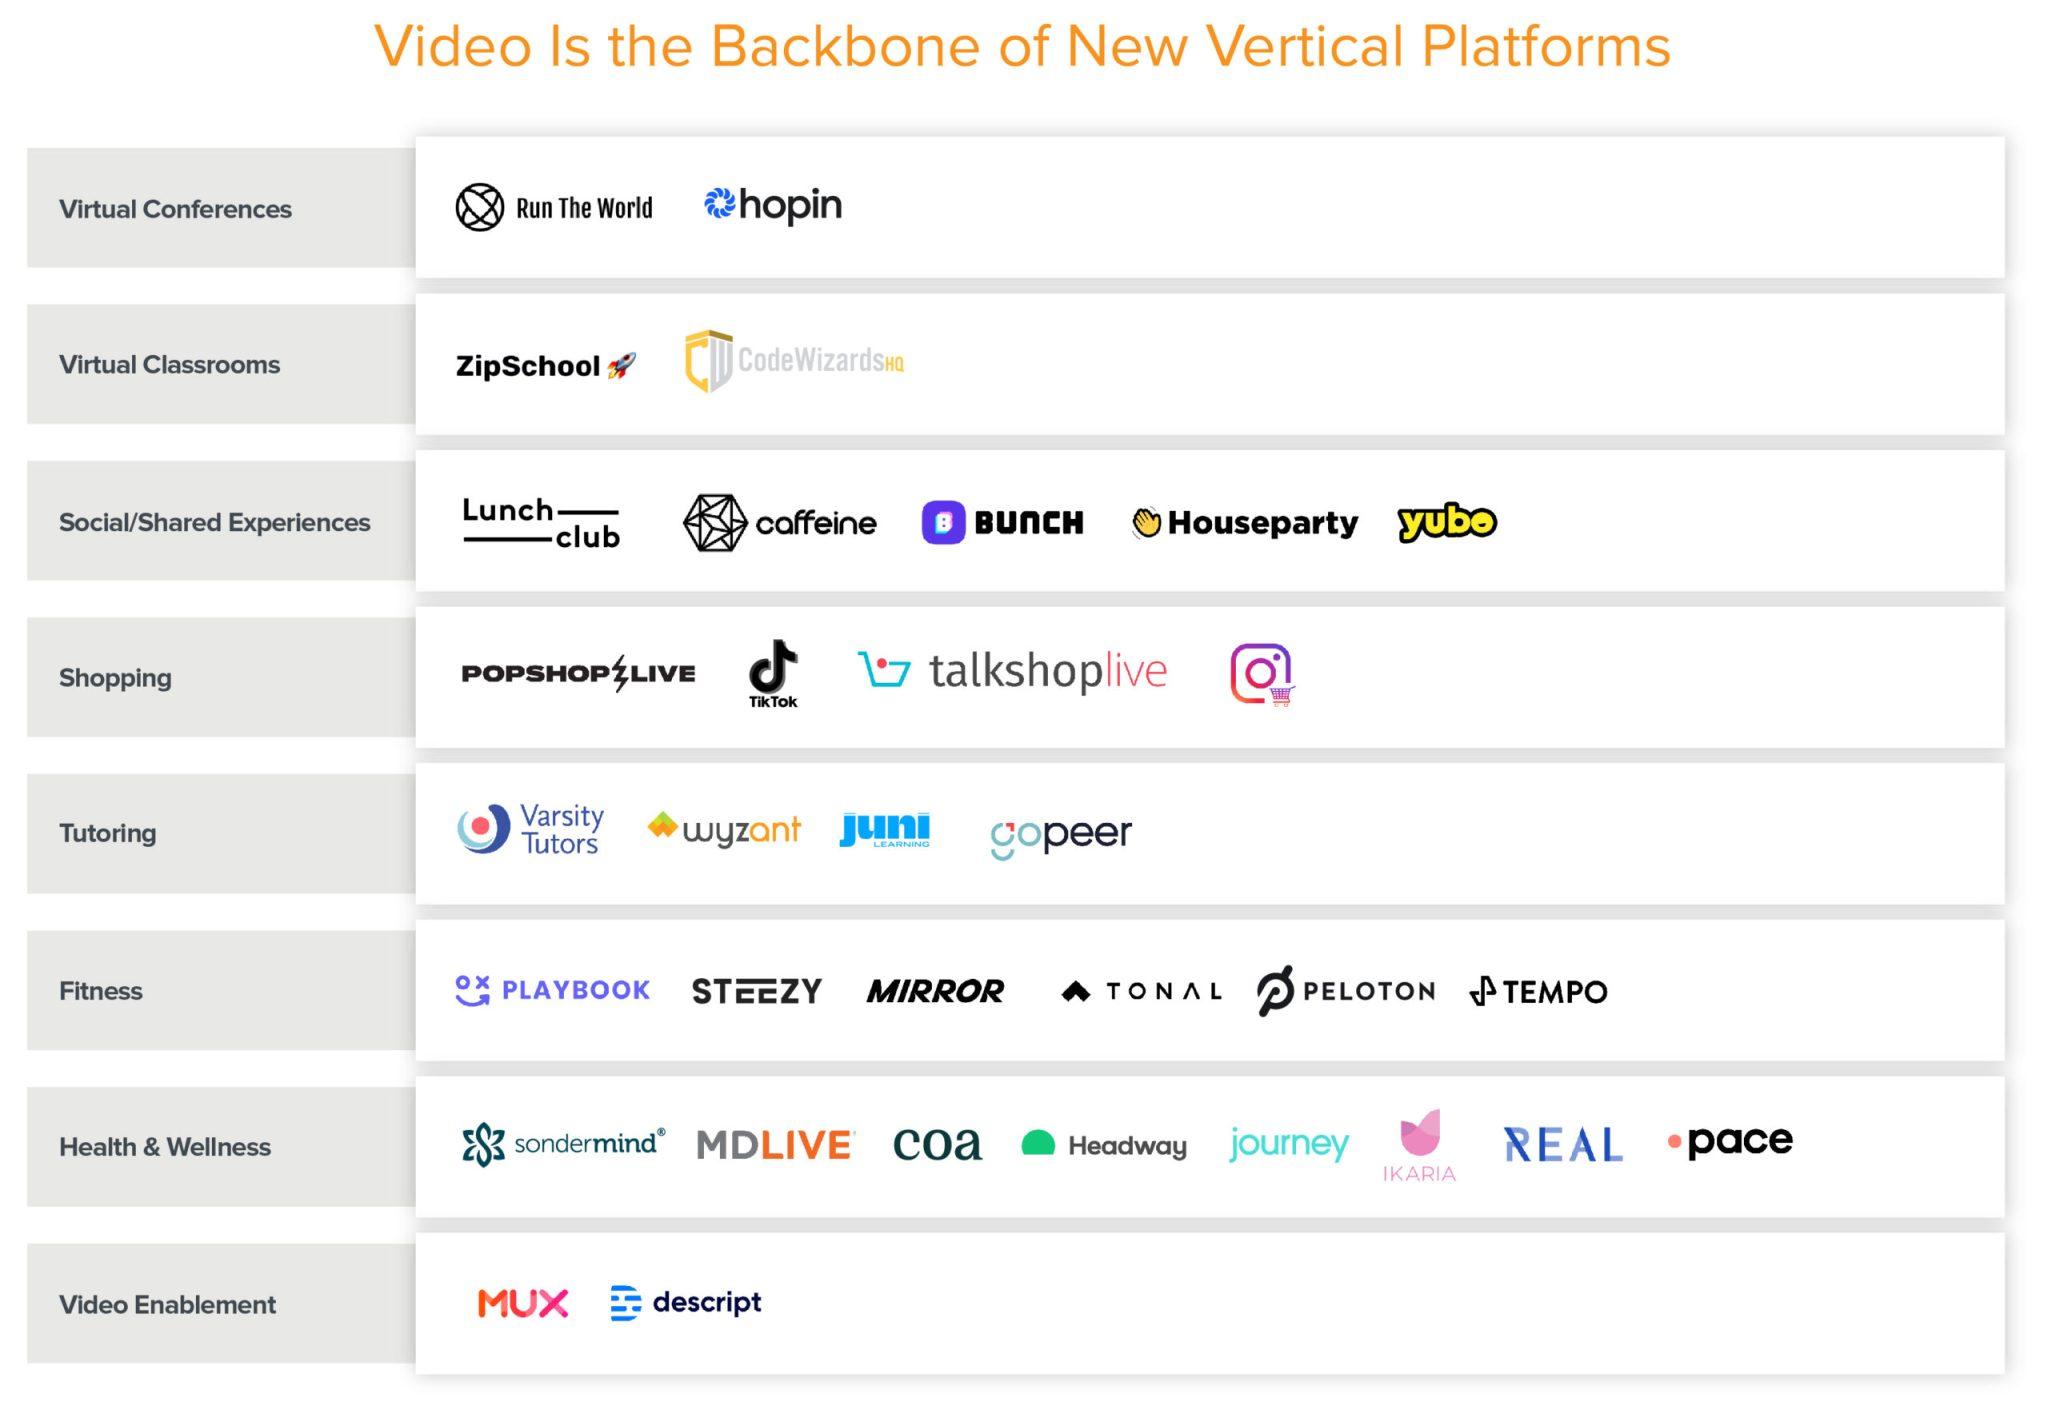 Il trend dei video: brevi e live